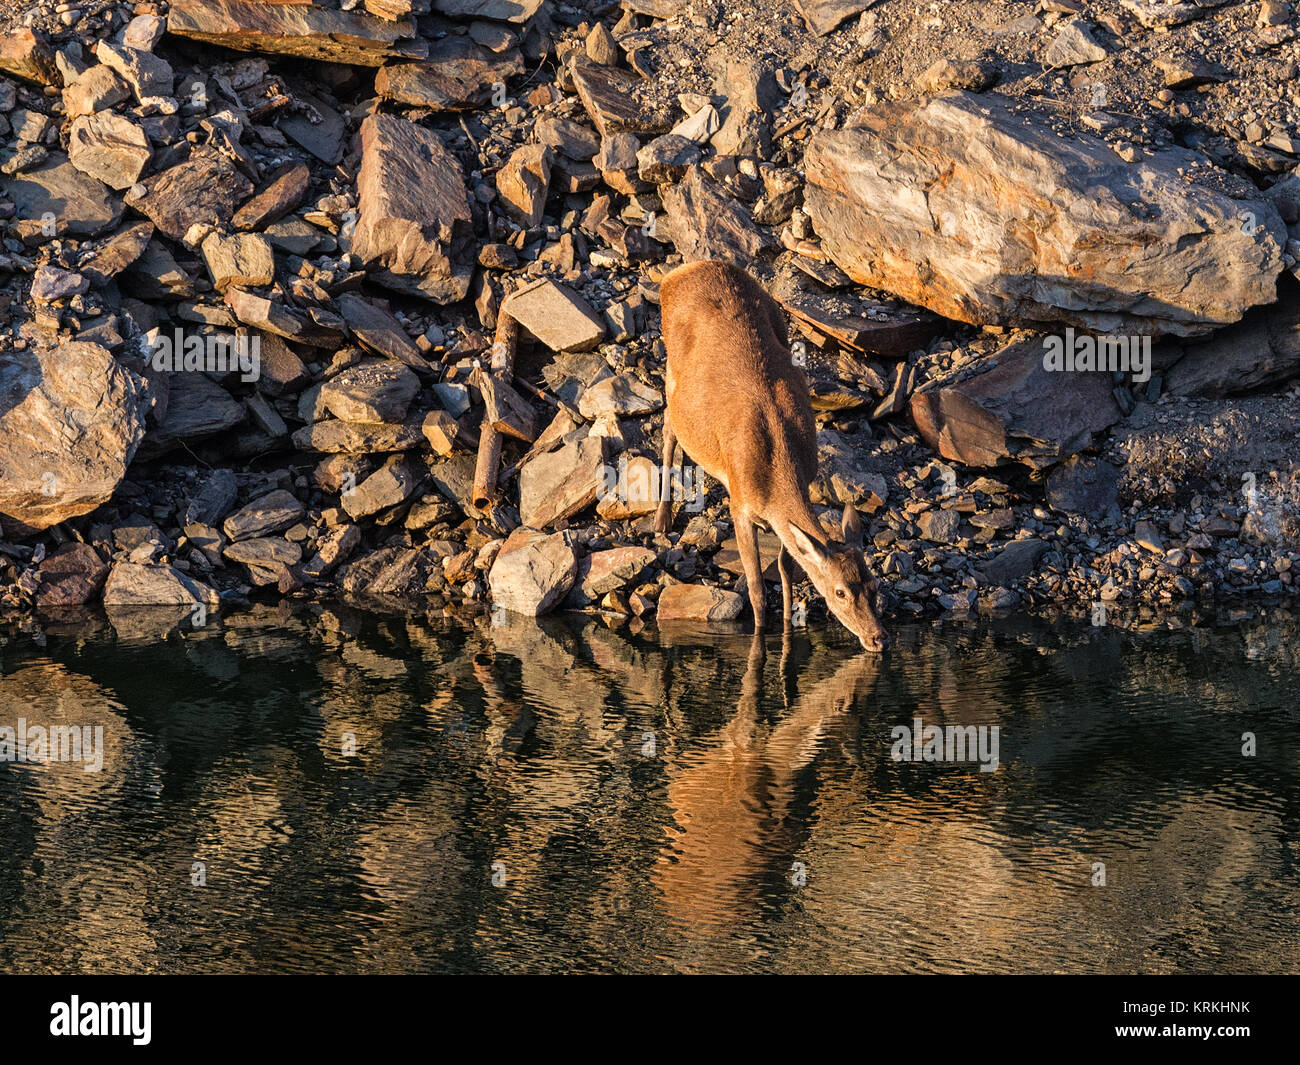 Ciervos bebiendo de un río. Parque Nacional de Monfragüe. España. Imagen De Stock